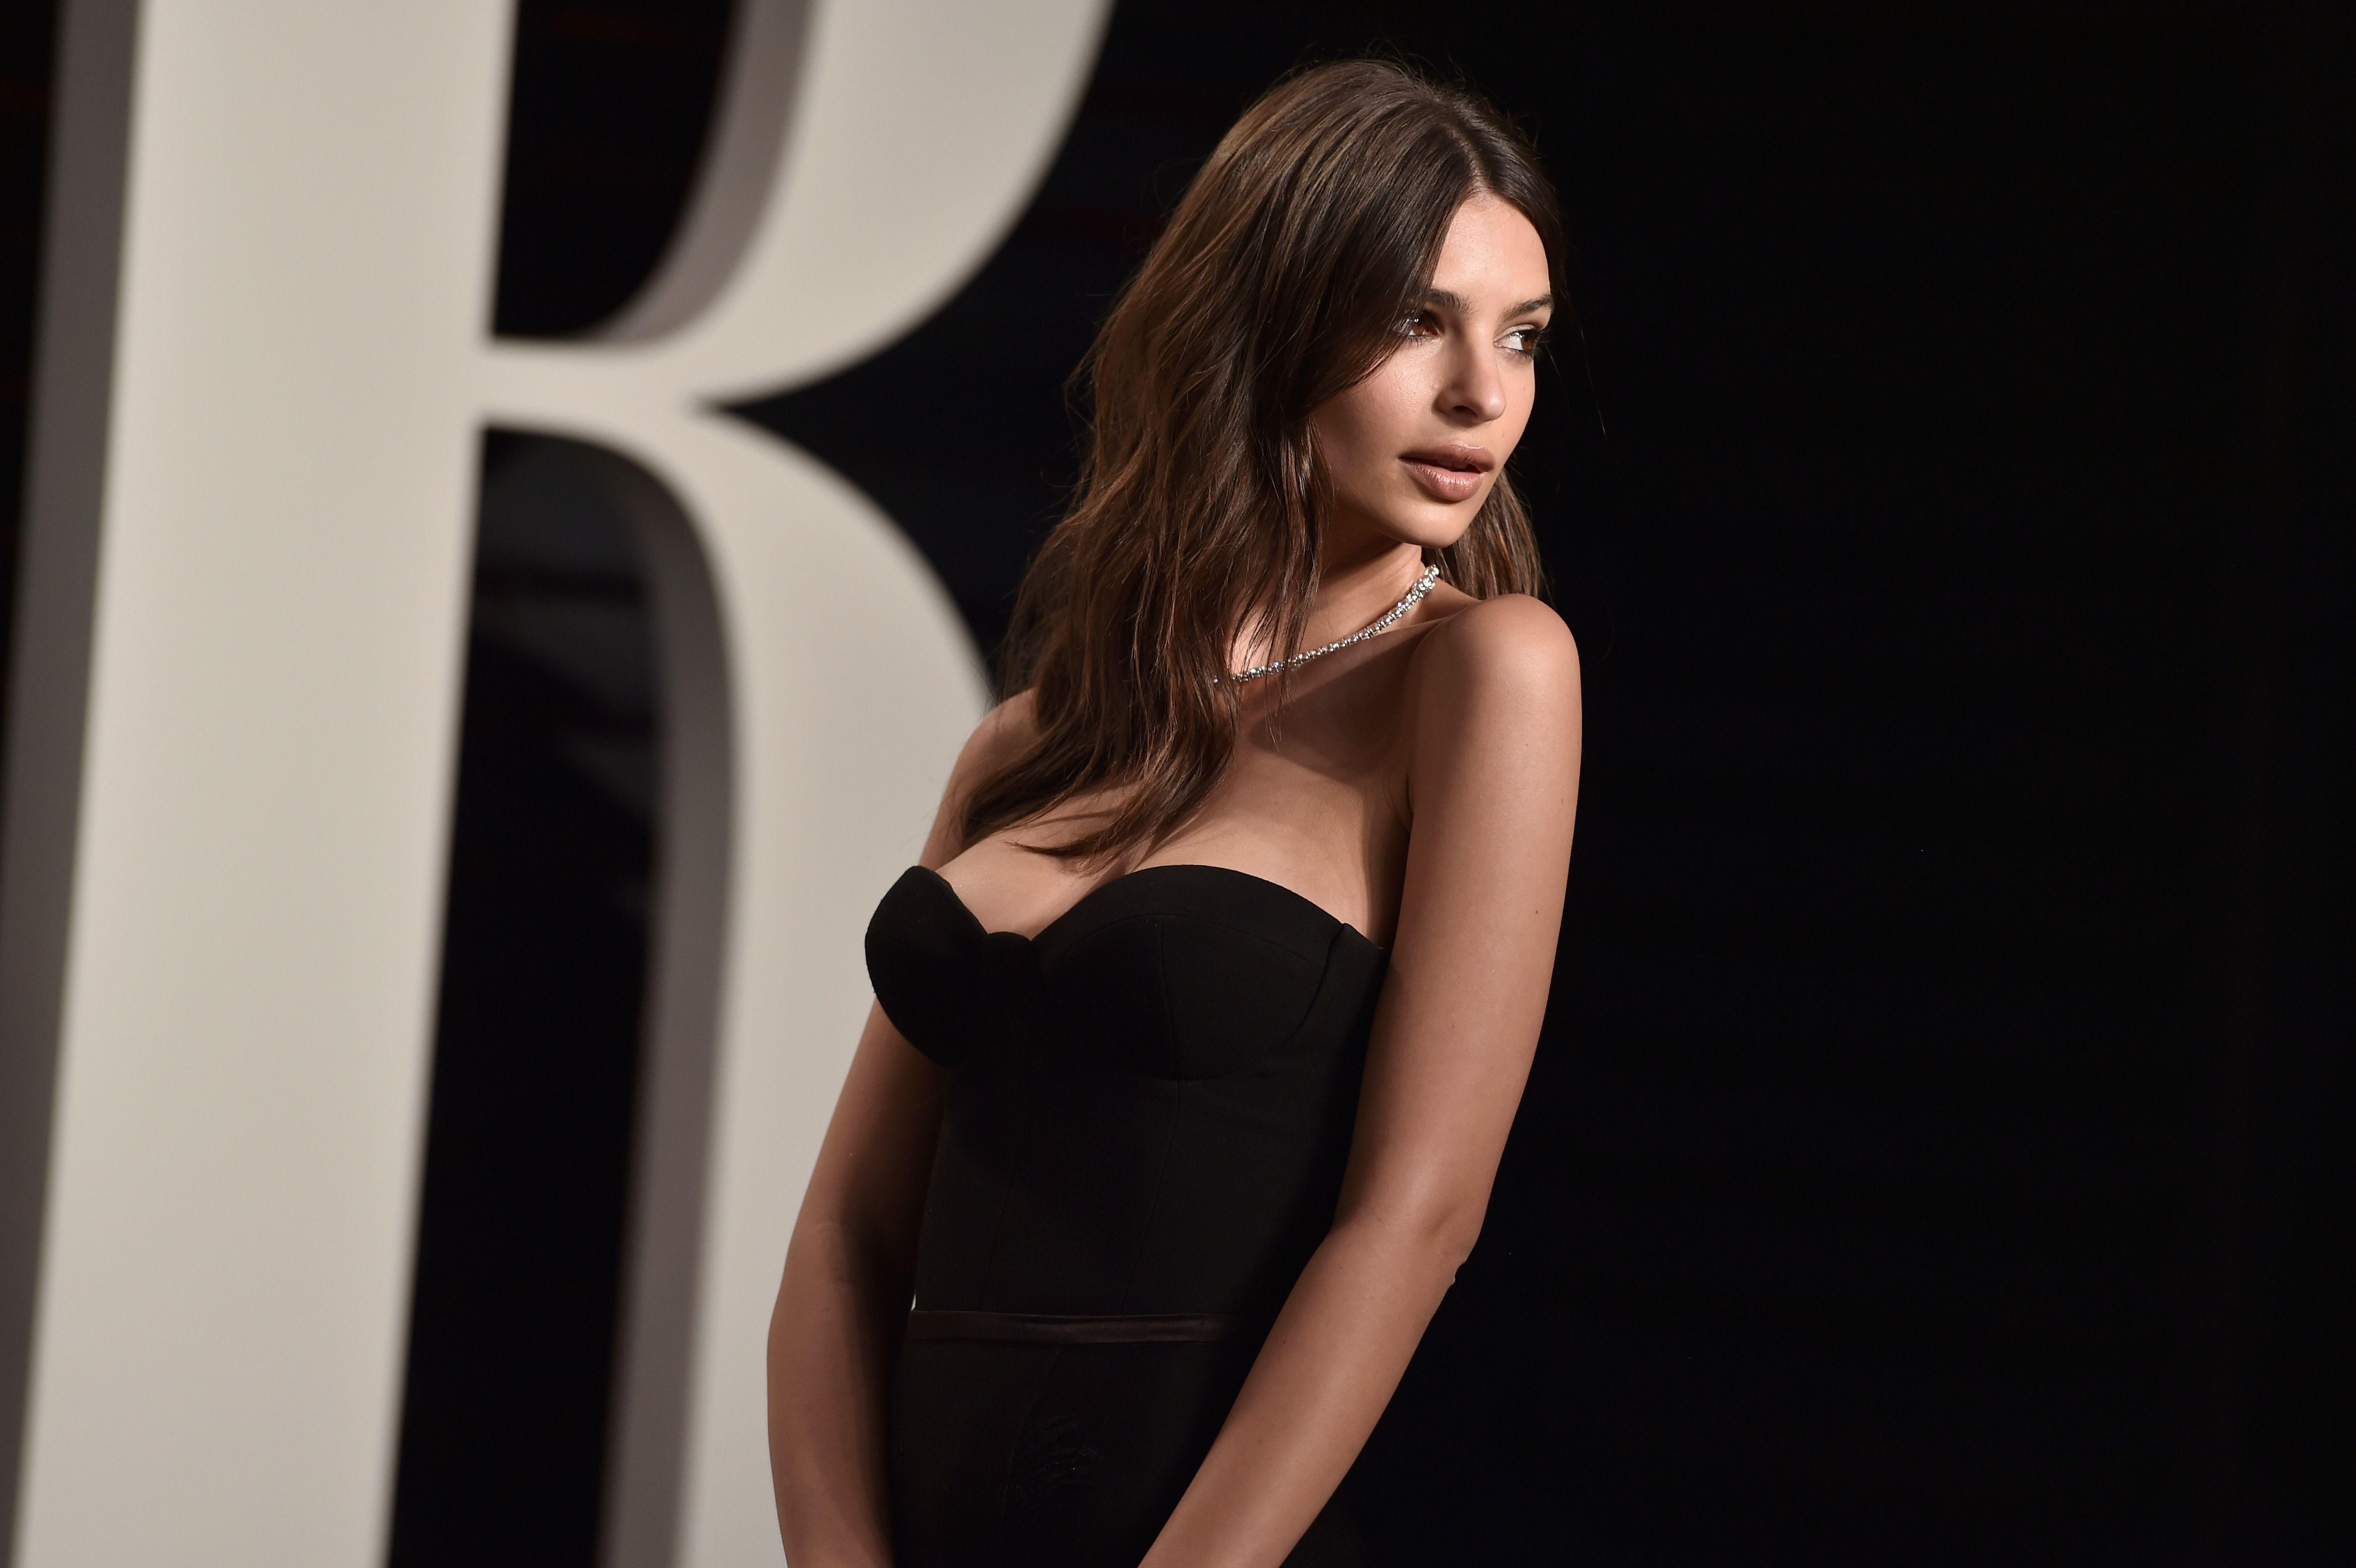 Nude pictures of kim kardashian photo 97